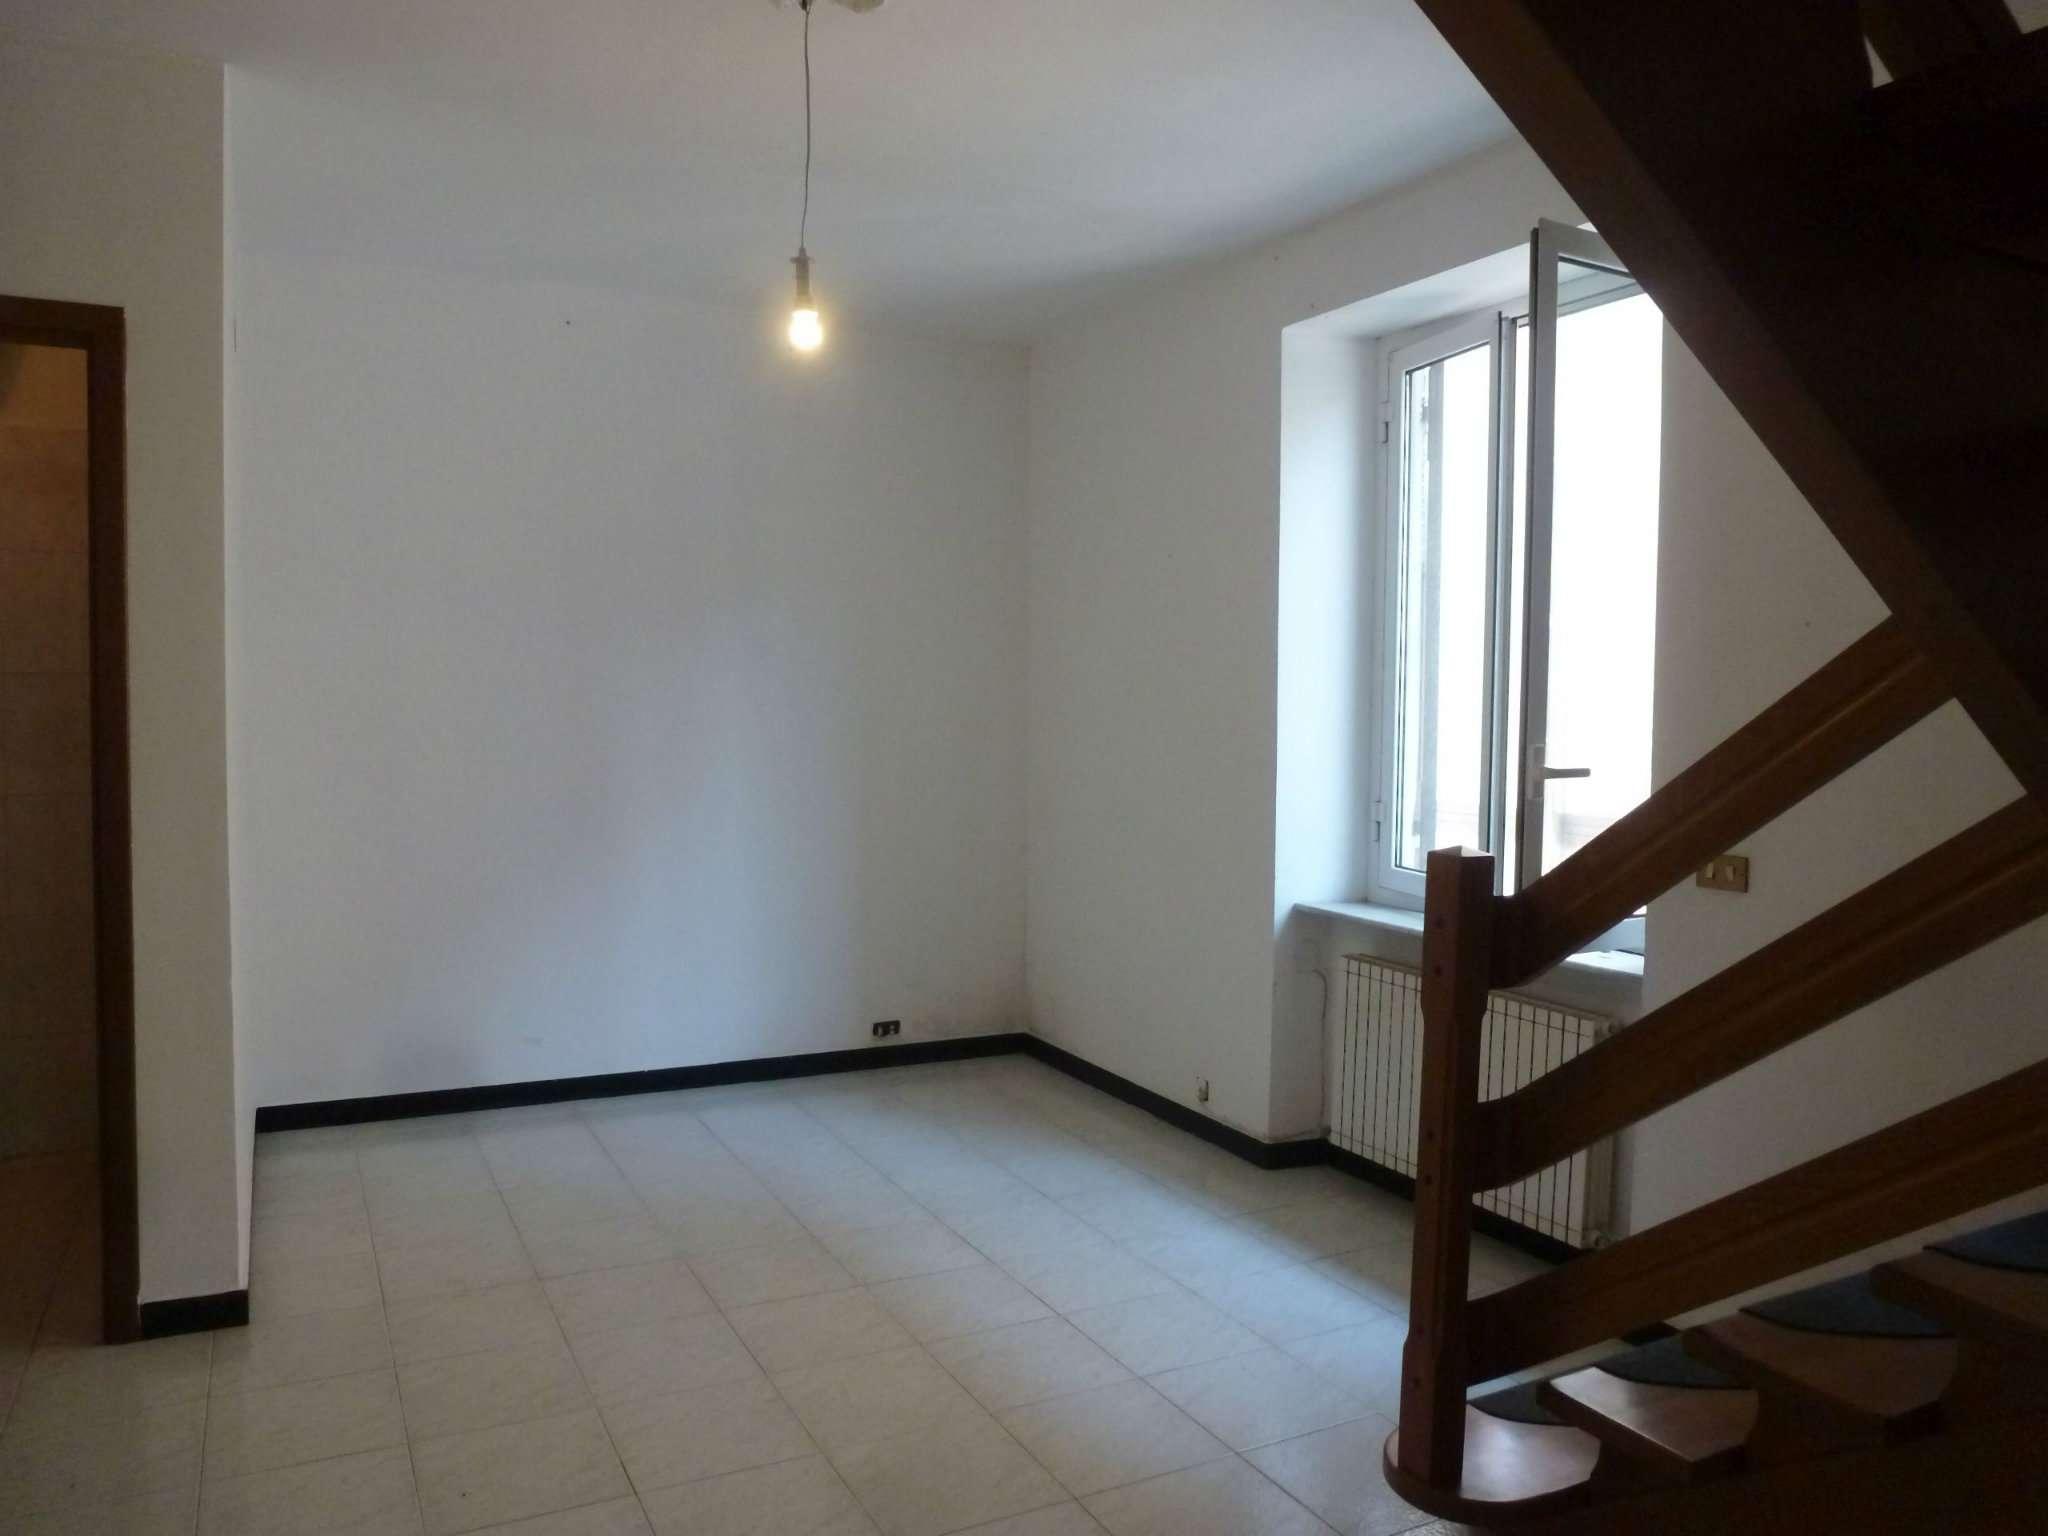 Soluzione Semindipendente in affitto a Mignanego, 6 locali, prezzo € 400 | Cambio Casa.it